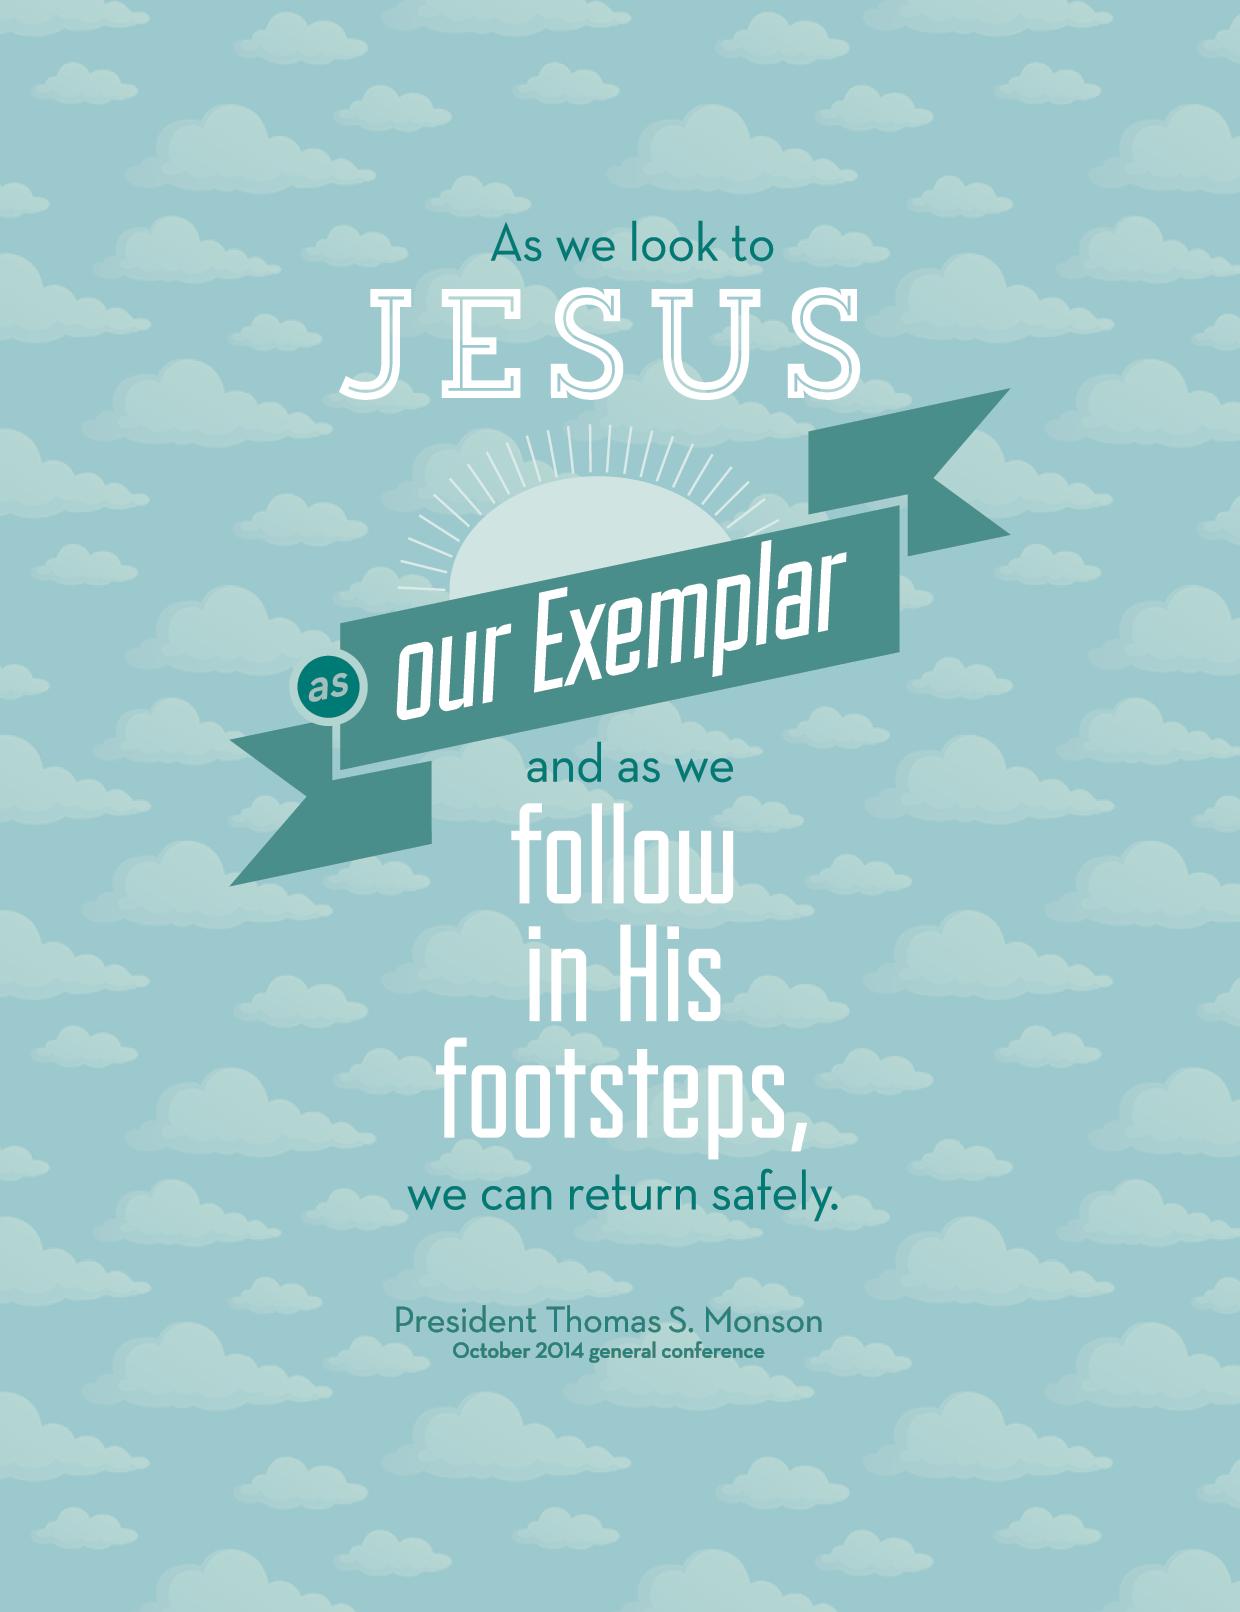 As We Look to Jesus